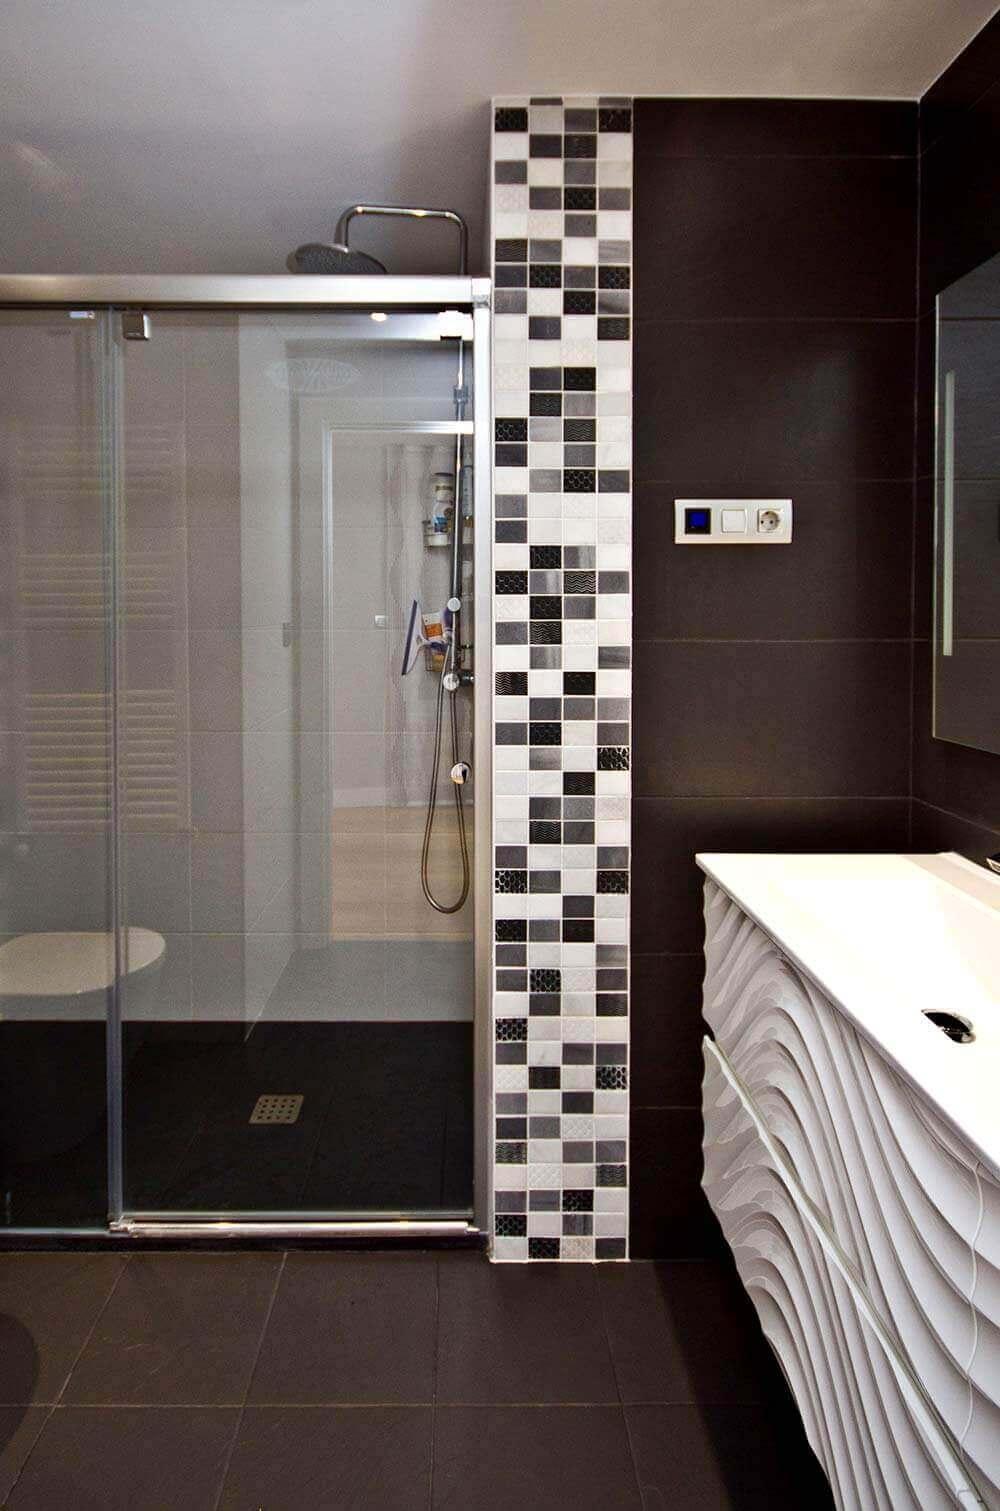 Reforma Baño A Ducha:mueble de baño para reforma de baño